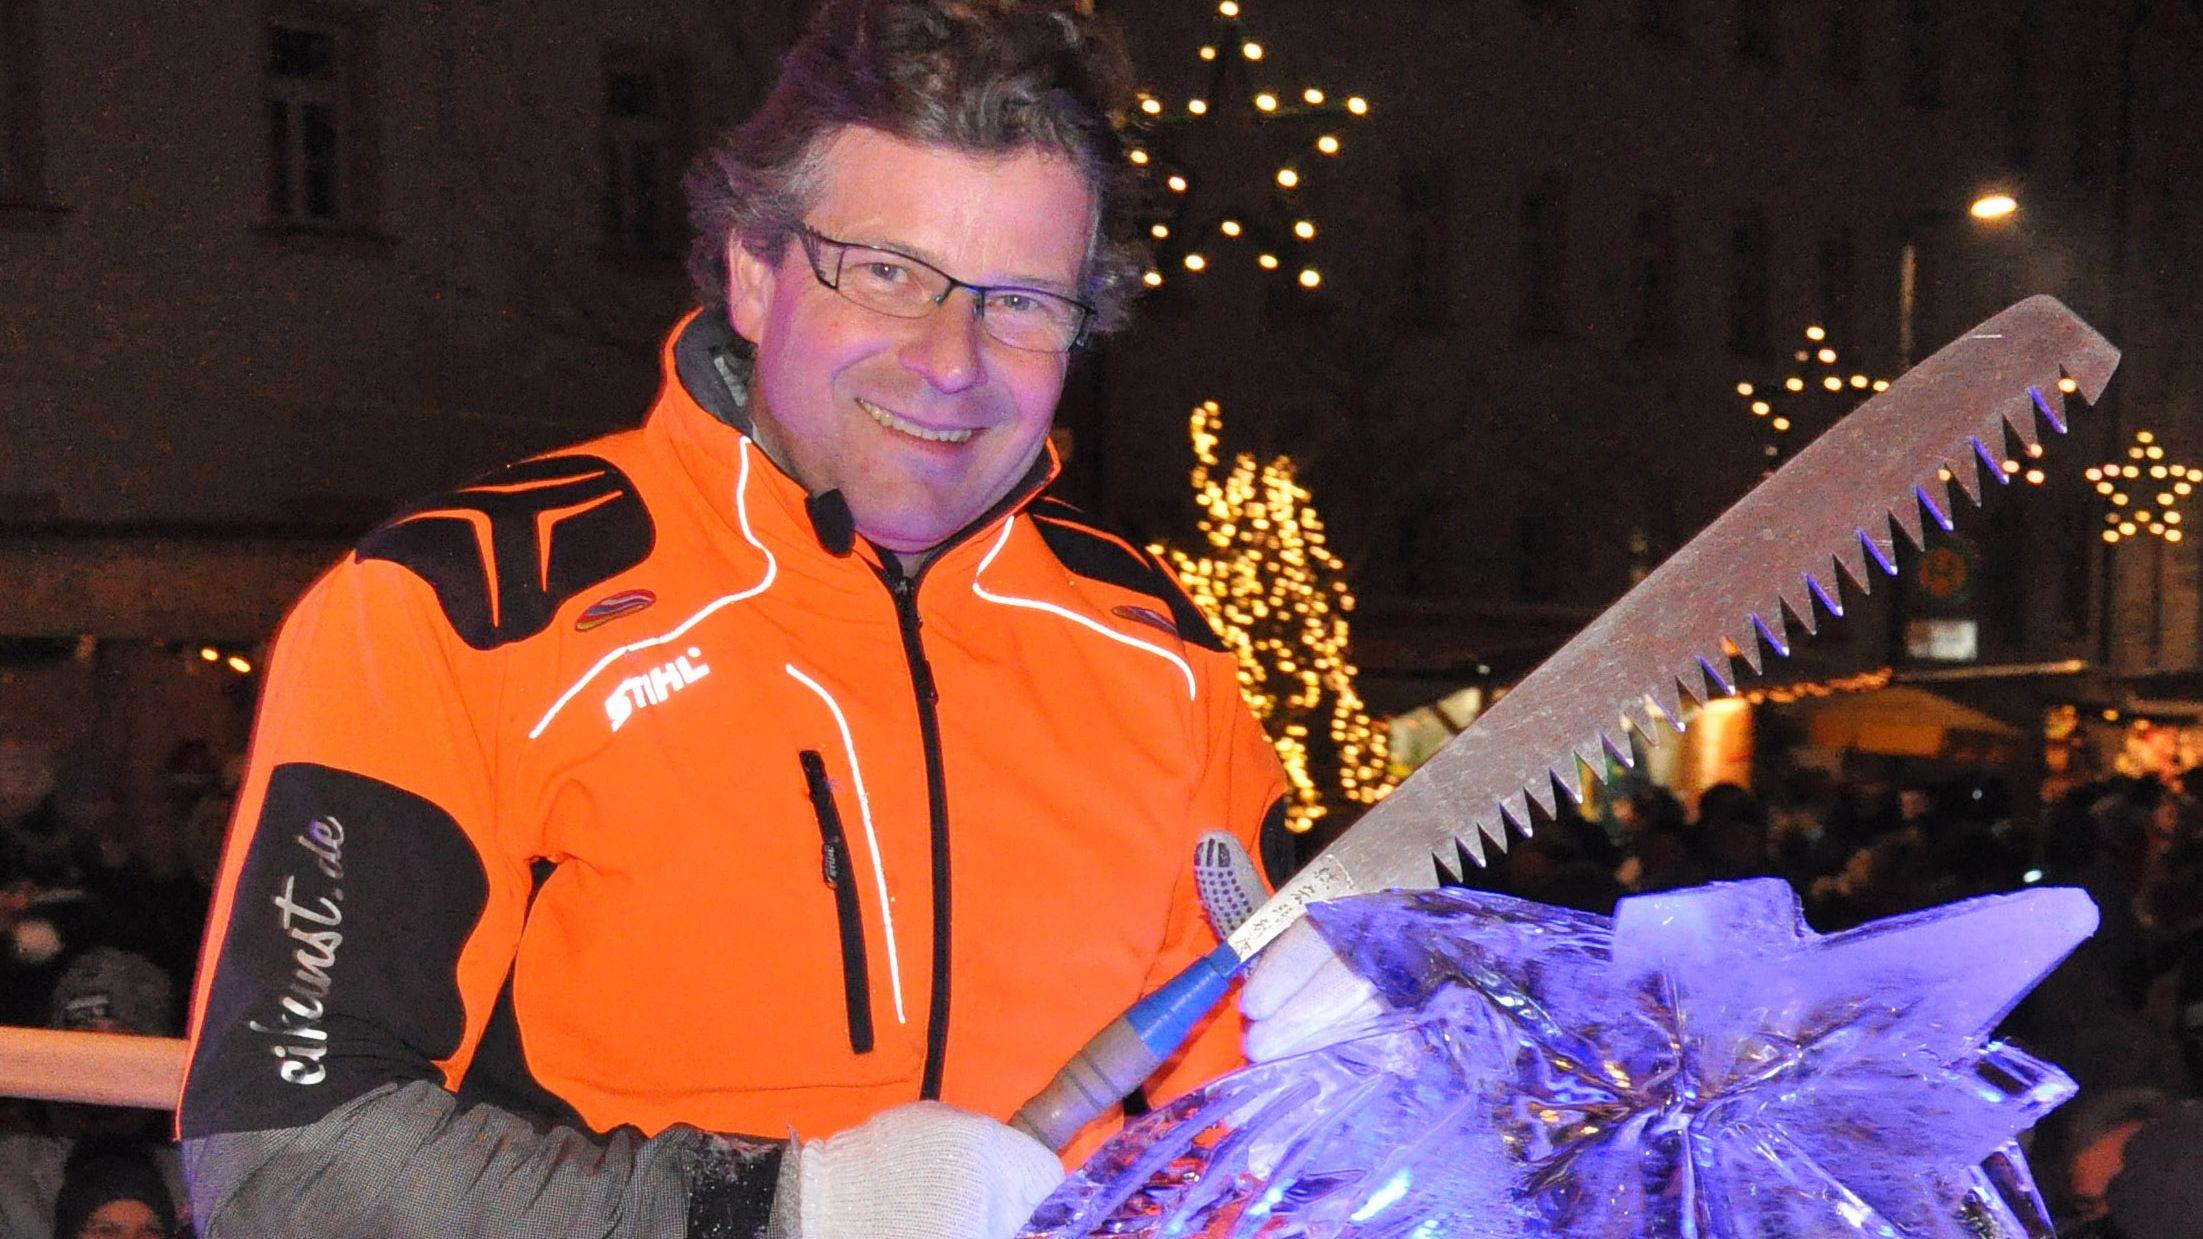 Christian Staber, Europameister im Eisskulpturenschnitzen, schnitzt mit einer Motorsäge Skulpturen aus einem Eisblock